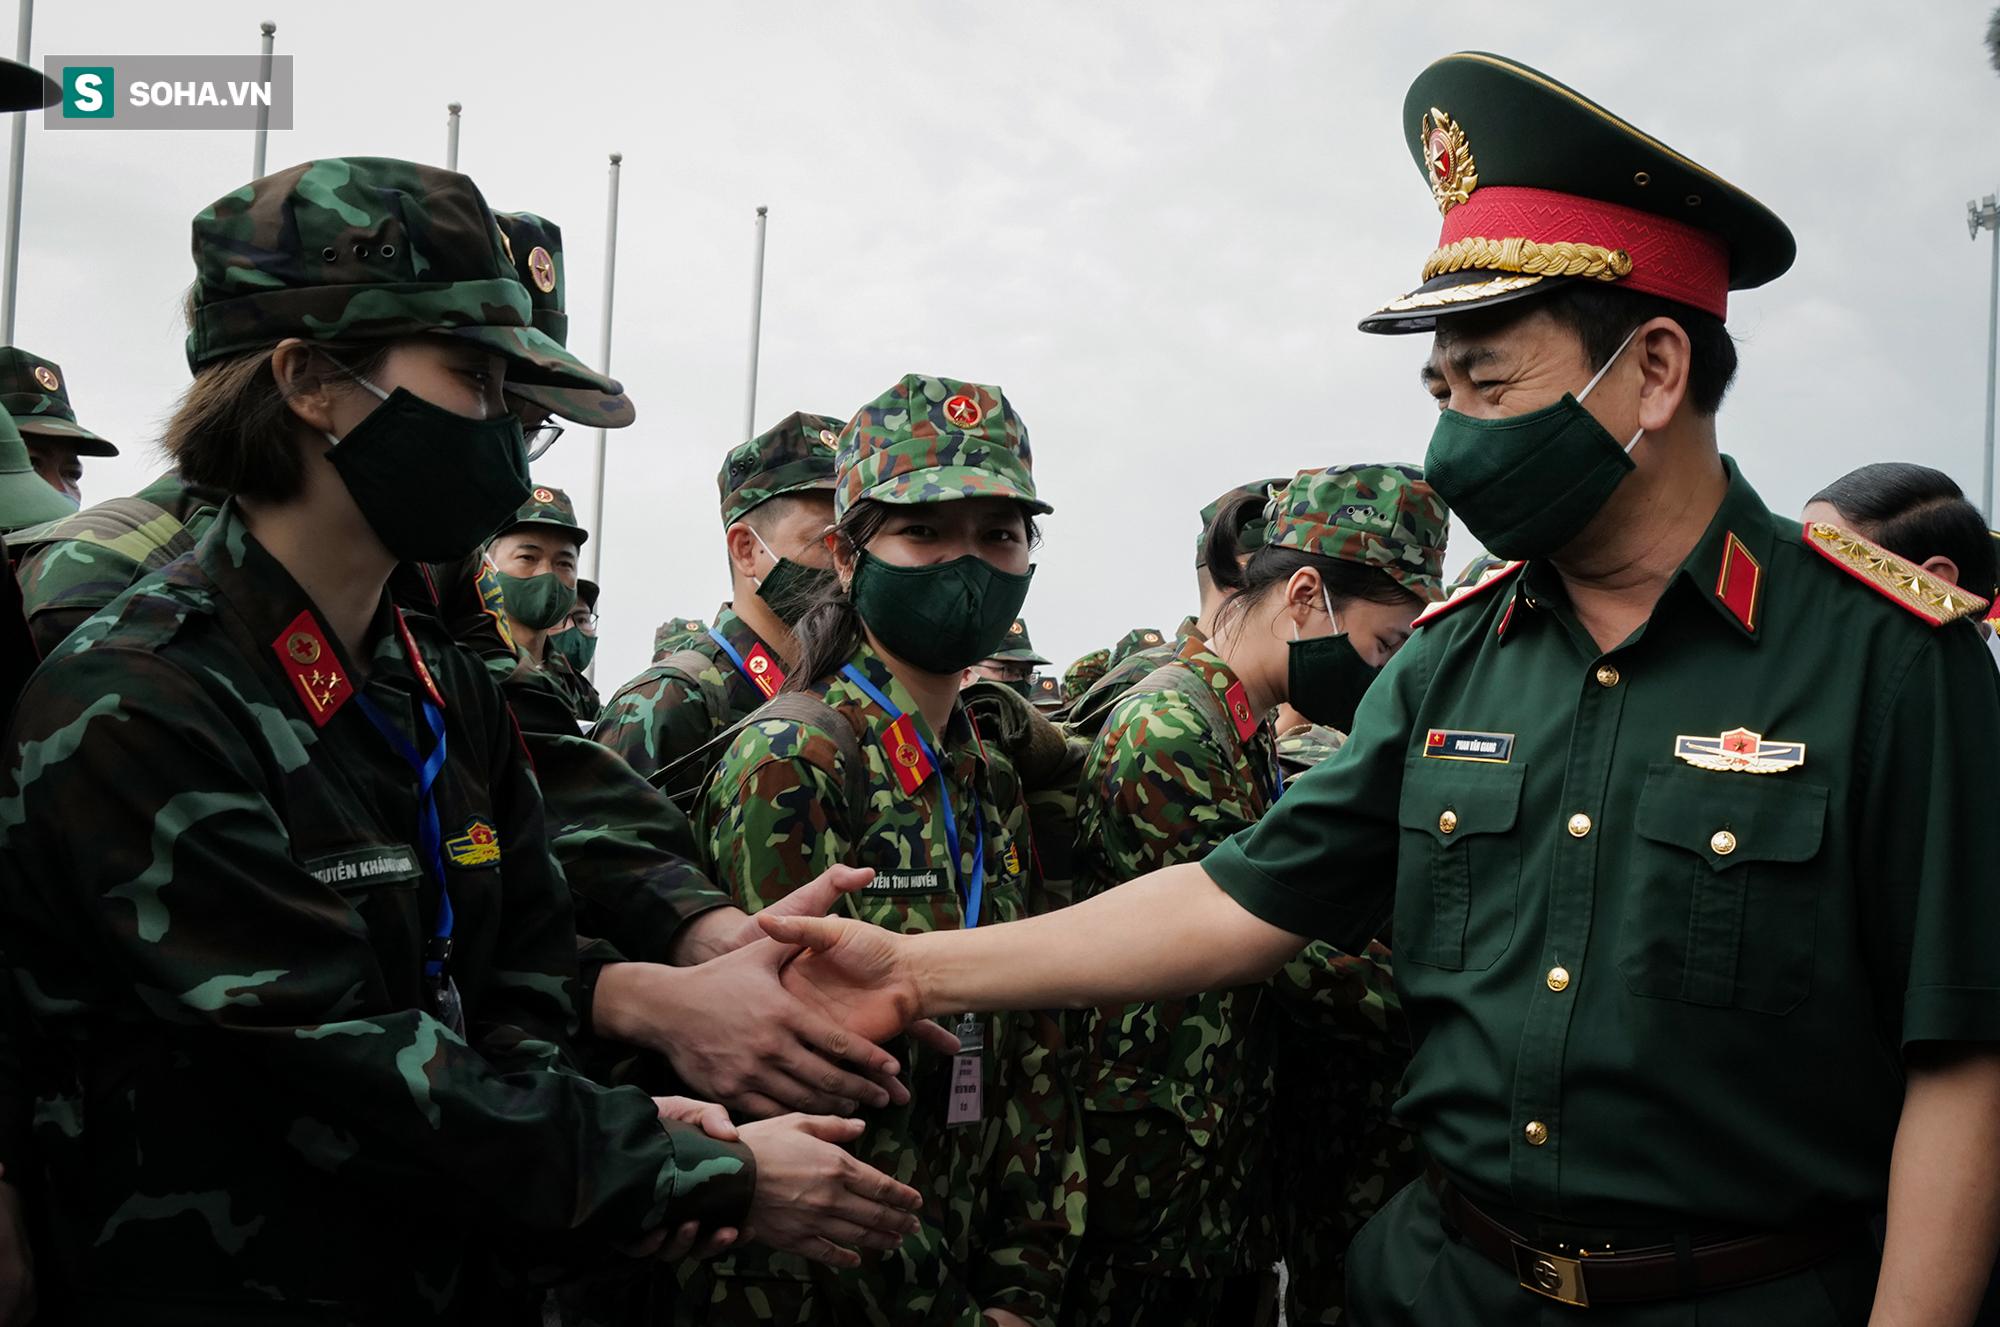 Phó Thủ tướng, Bộ trưởng Quốc phòng cùng hơn 1000 y, bác sĩ lên đường vào TP HCM chống dịch - Ảnh 4.